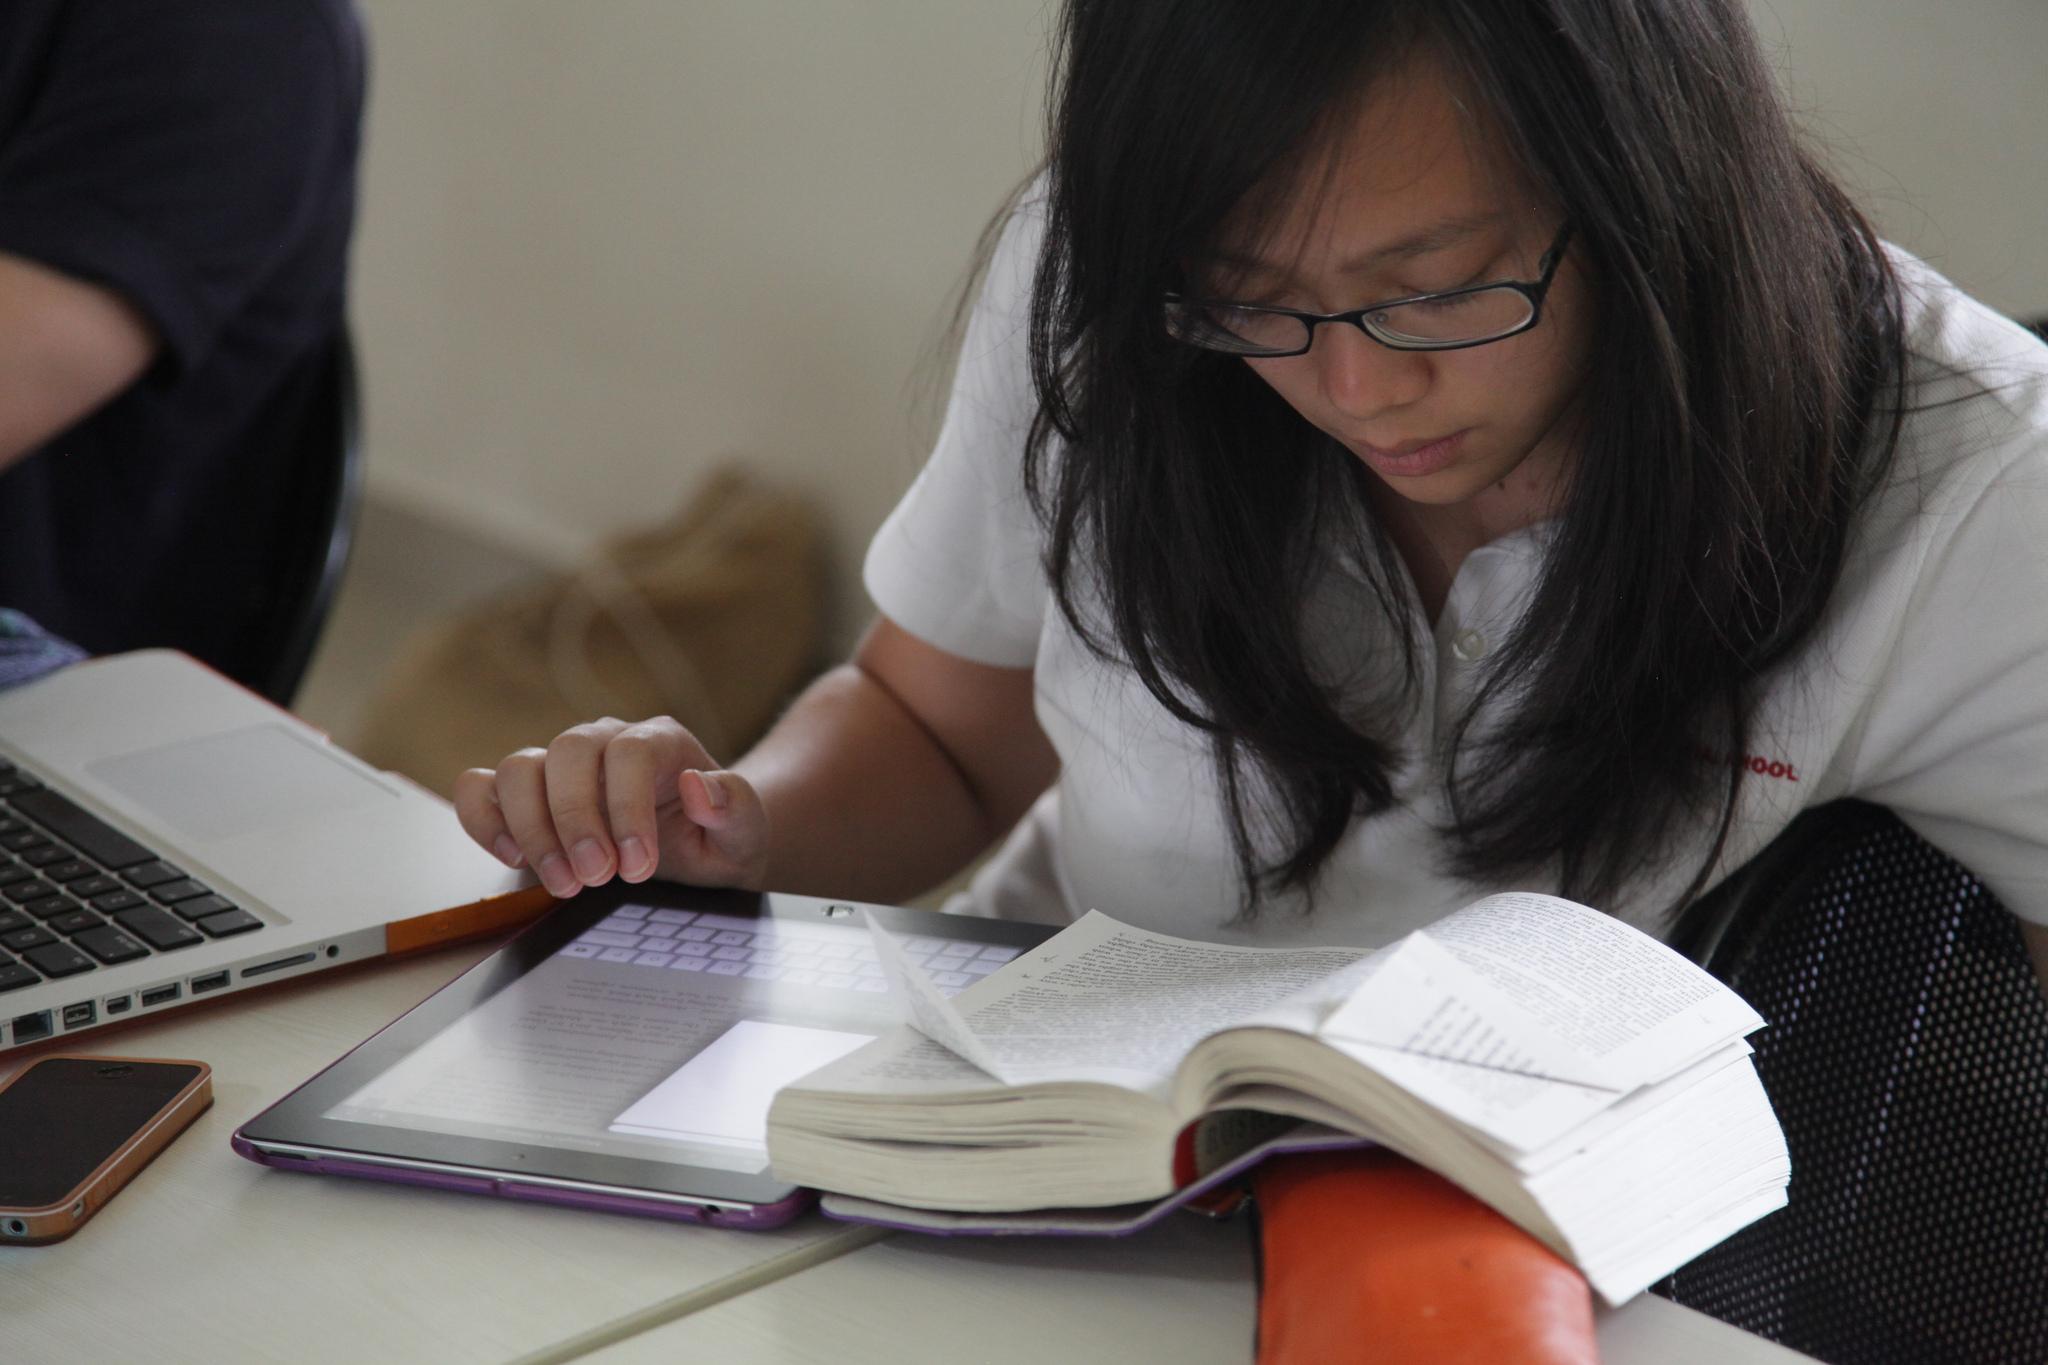 Estudando em casa